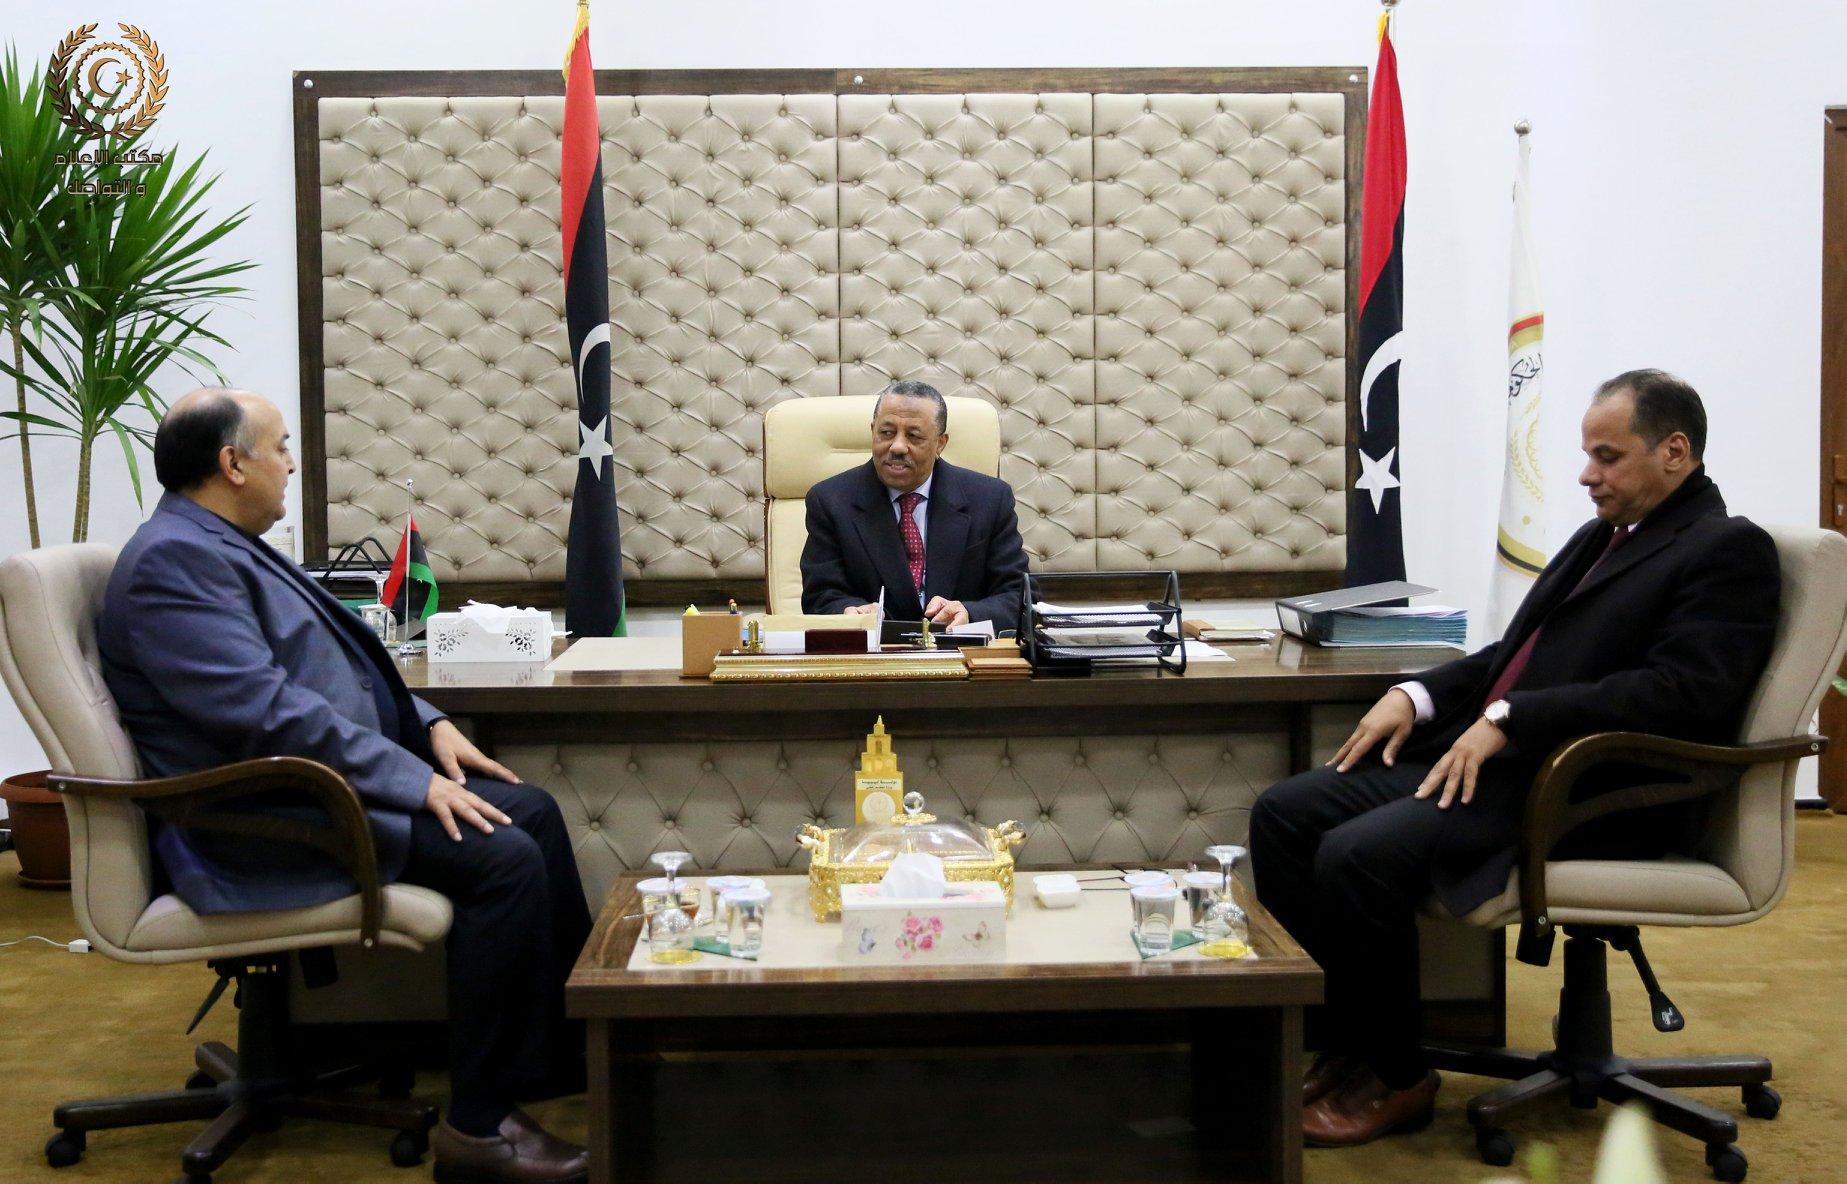 اجتماع عبدالله الثني وأحميد حومة وعبدالله المصري - قرنادة